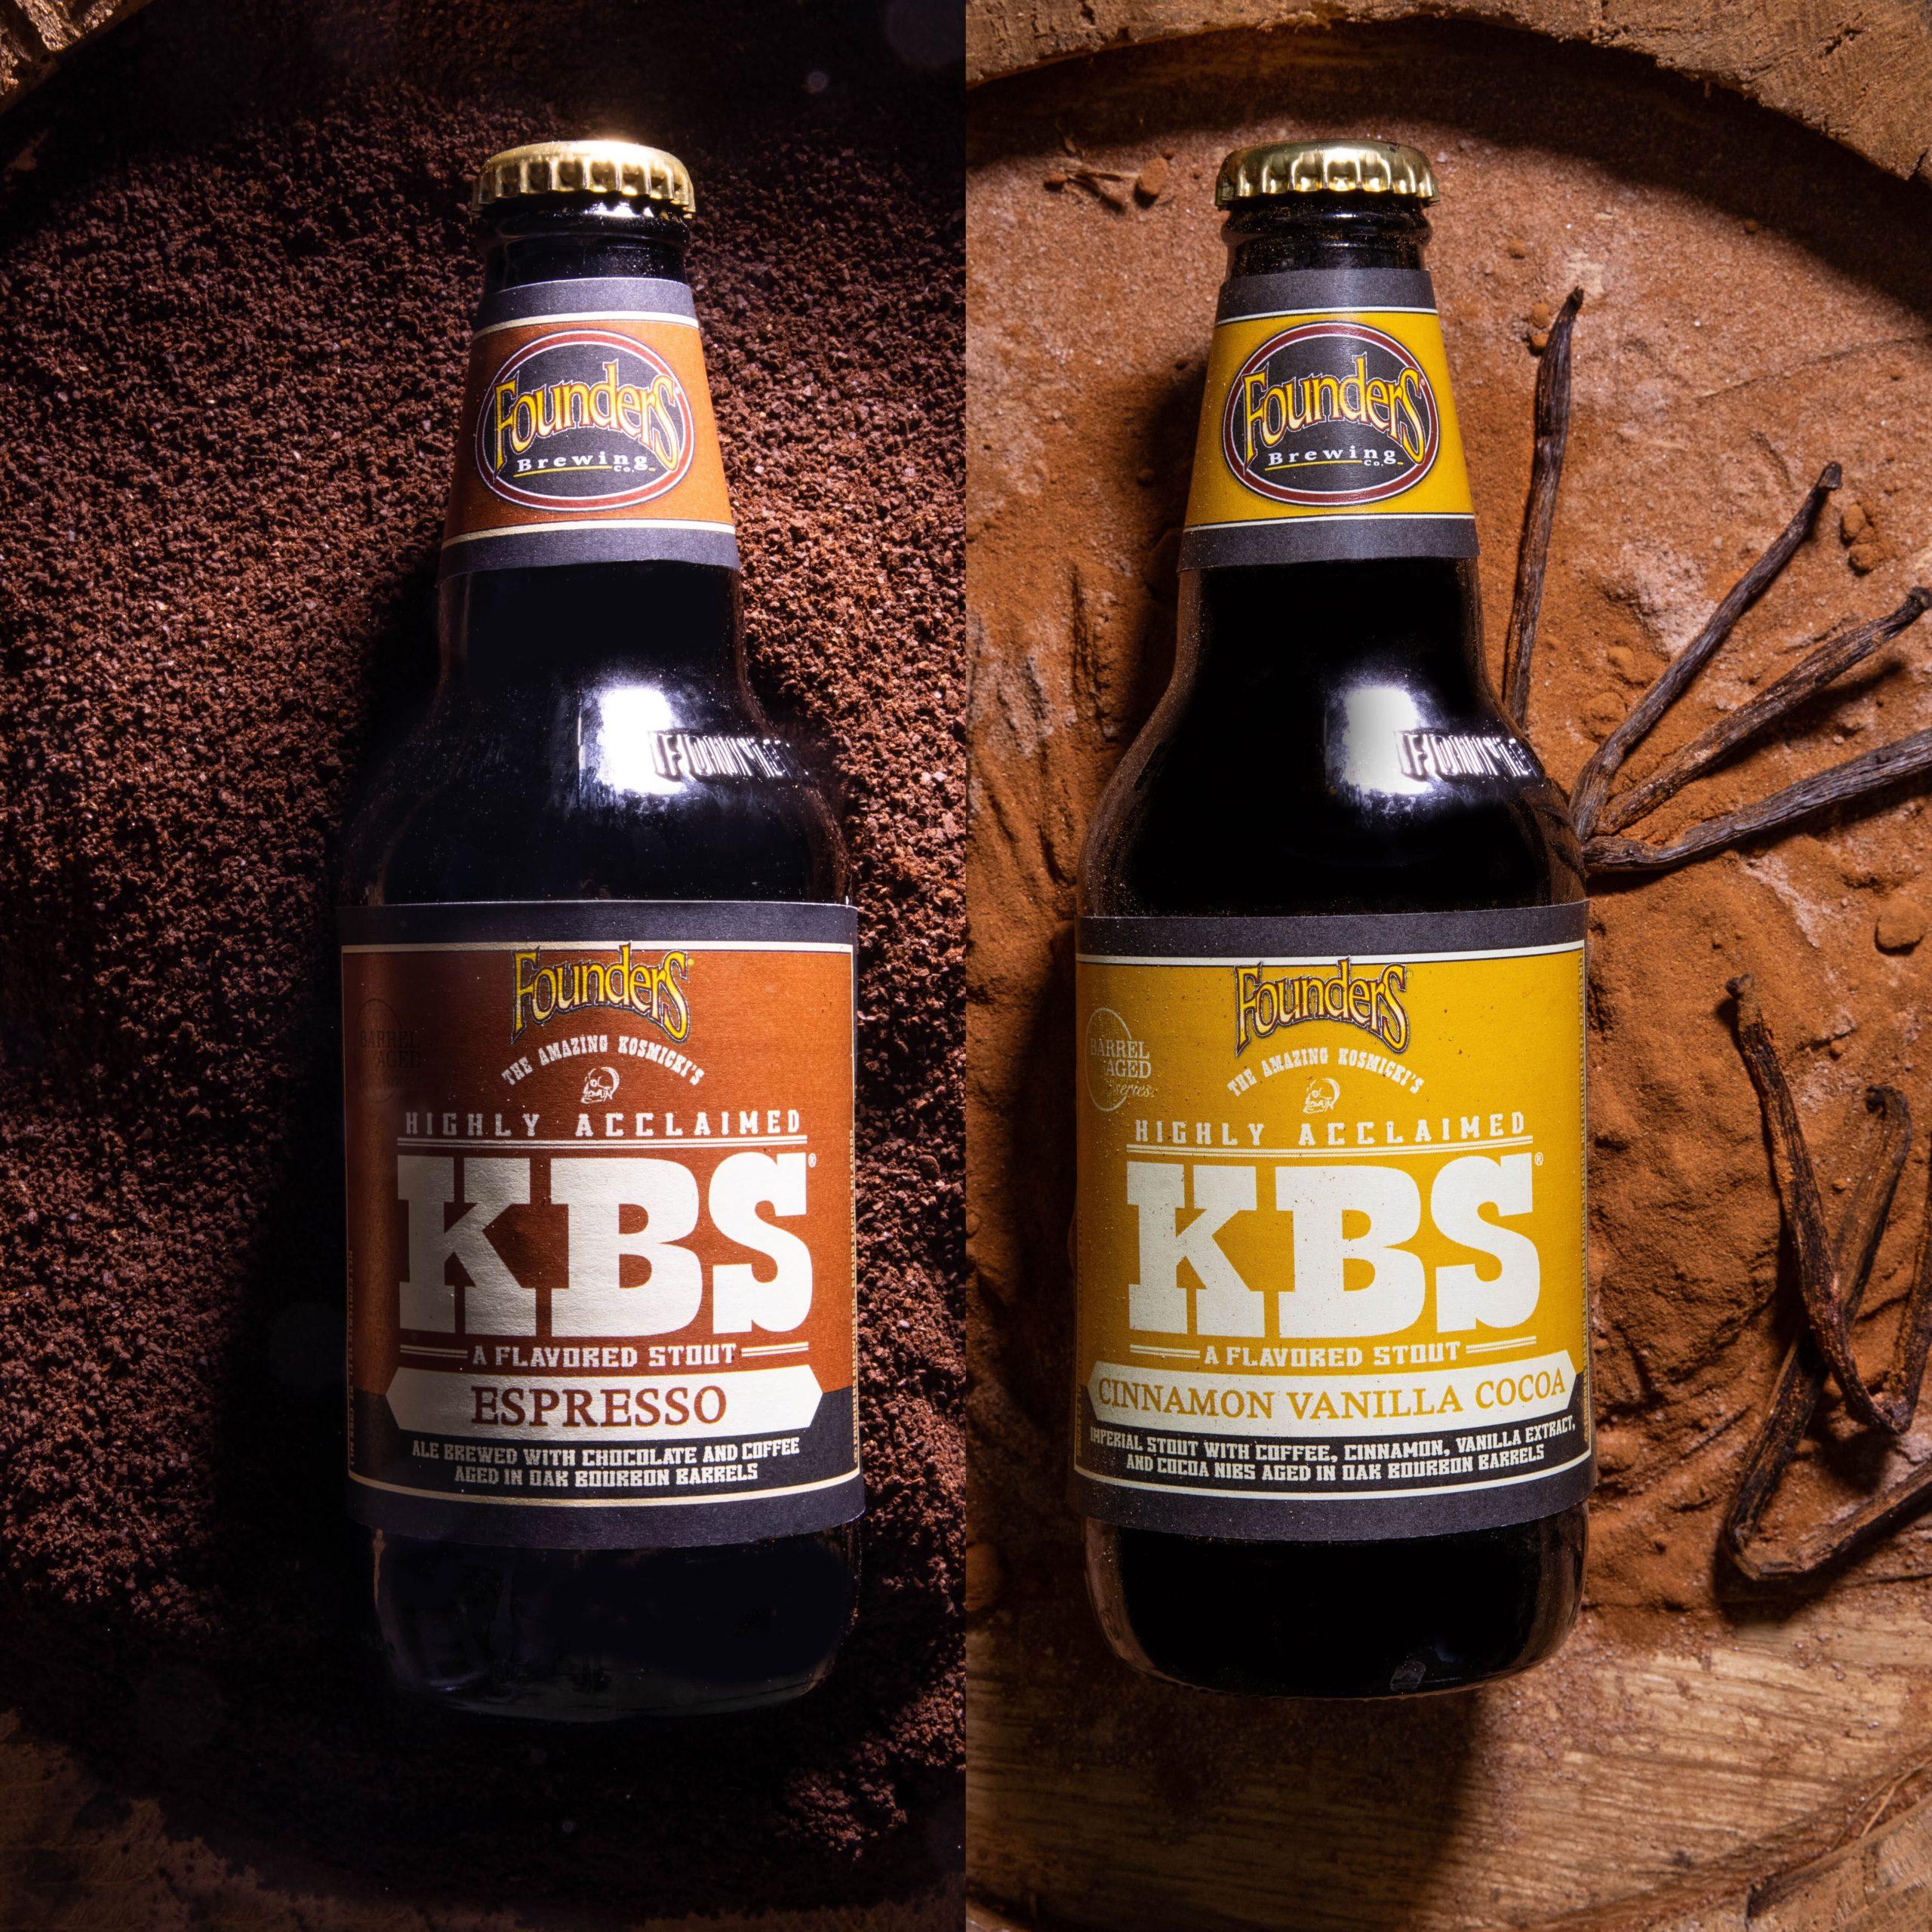 KBS Espresso and KBS Cinnamon Vanilla Cocoa bottles square